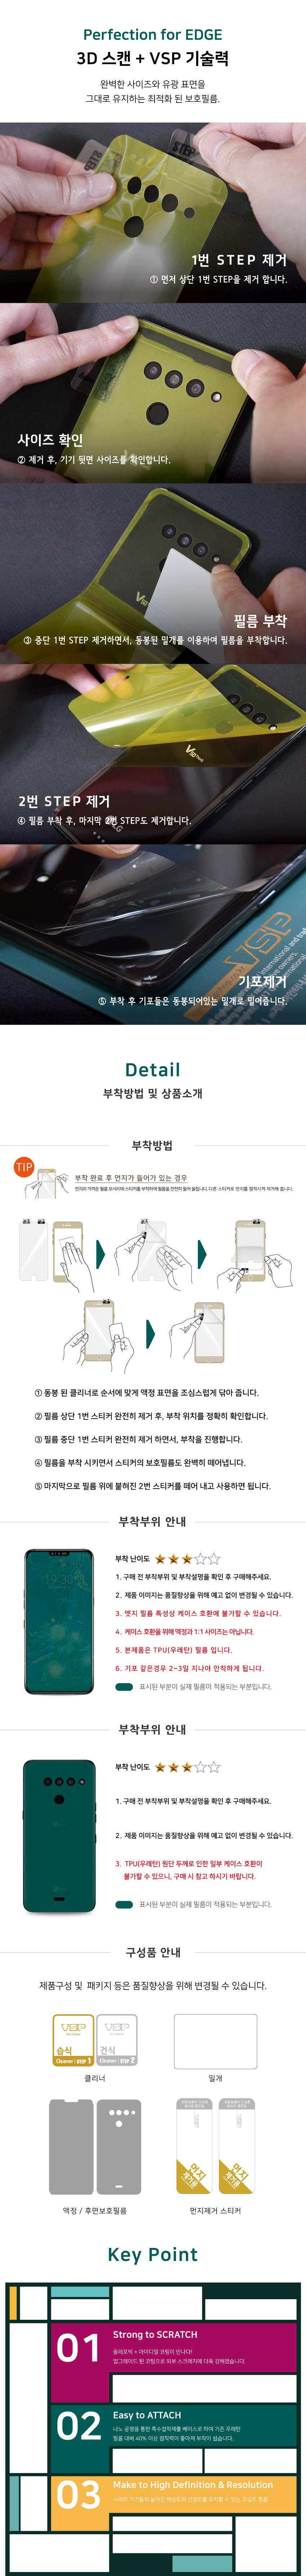 LG V50 씽큐 5G 풀커버액정+유광 후면보호필름 각2매 - 뷰에스피, 10,500원, 필름/스킨, V50